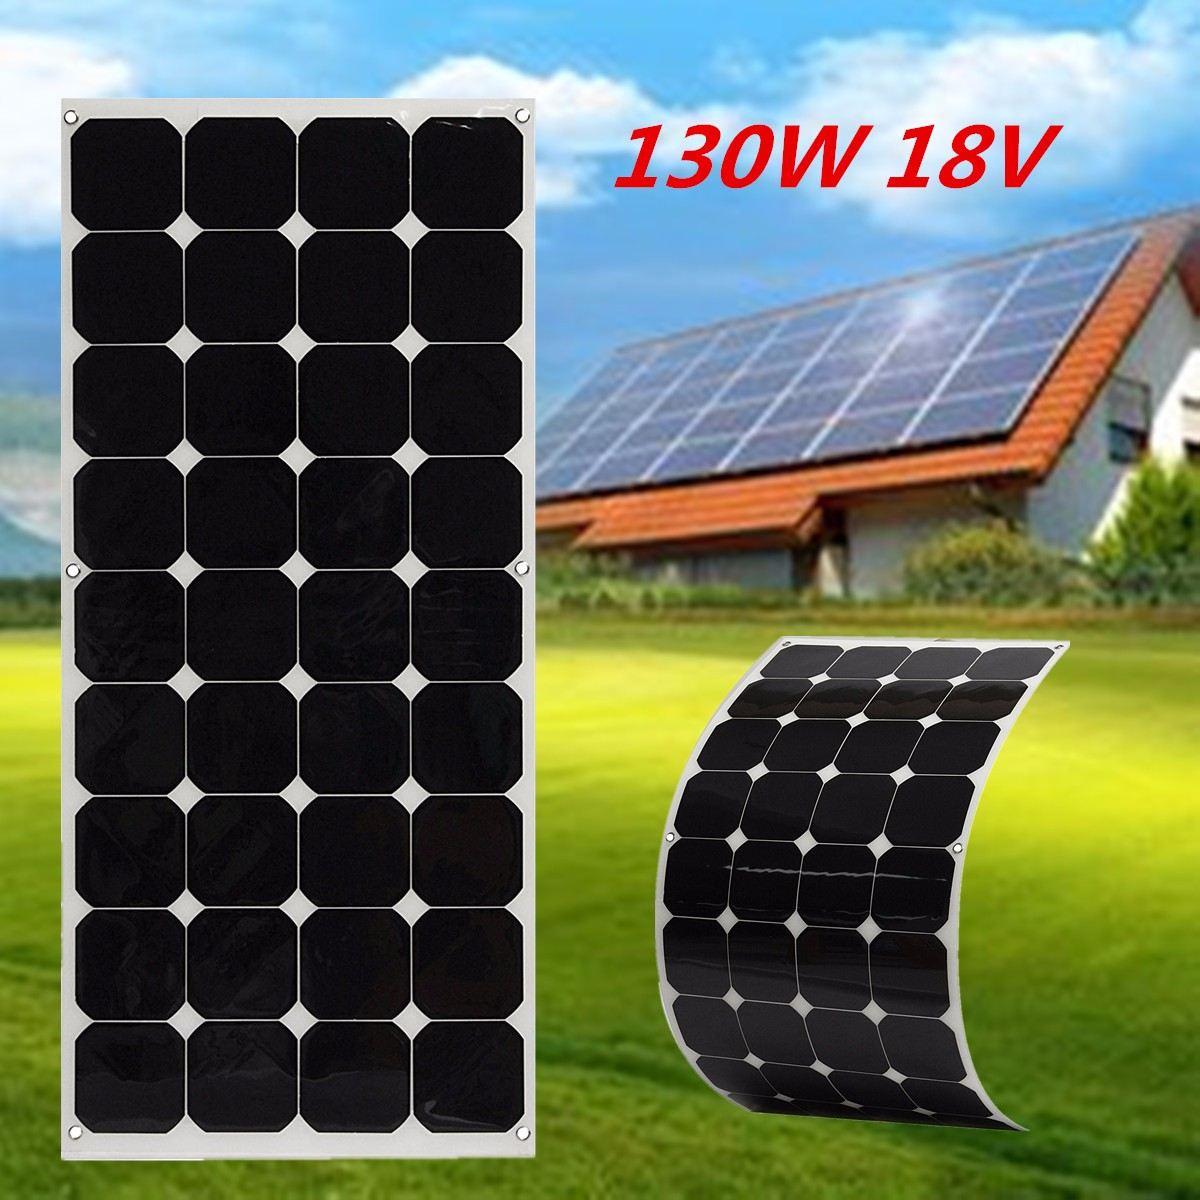 EL-05 130W 18V Semi Flexible High Conversion Efficiency Solar Panel Waterproof Monocrystalline Solar Panel + 1.5m Cable